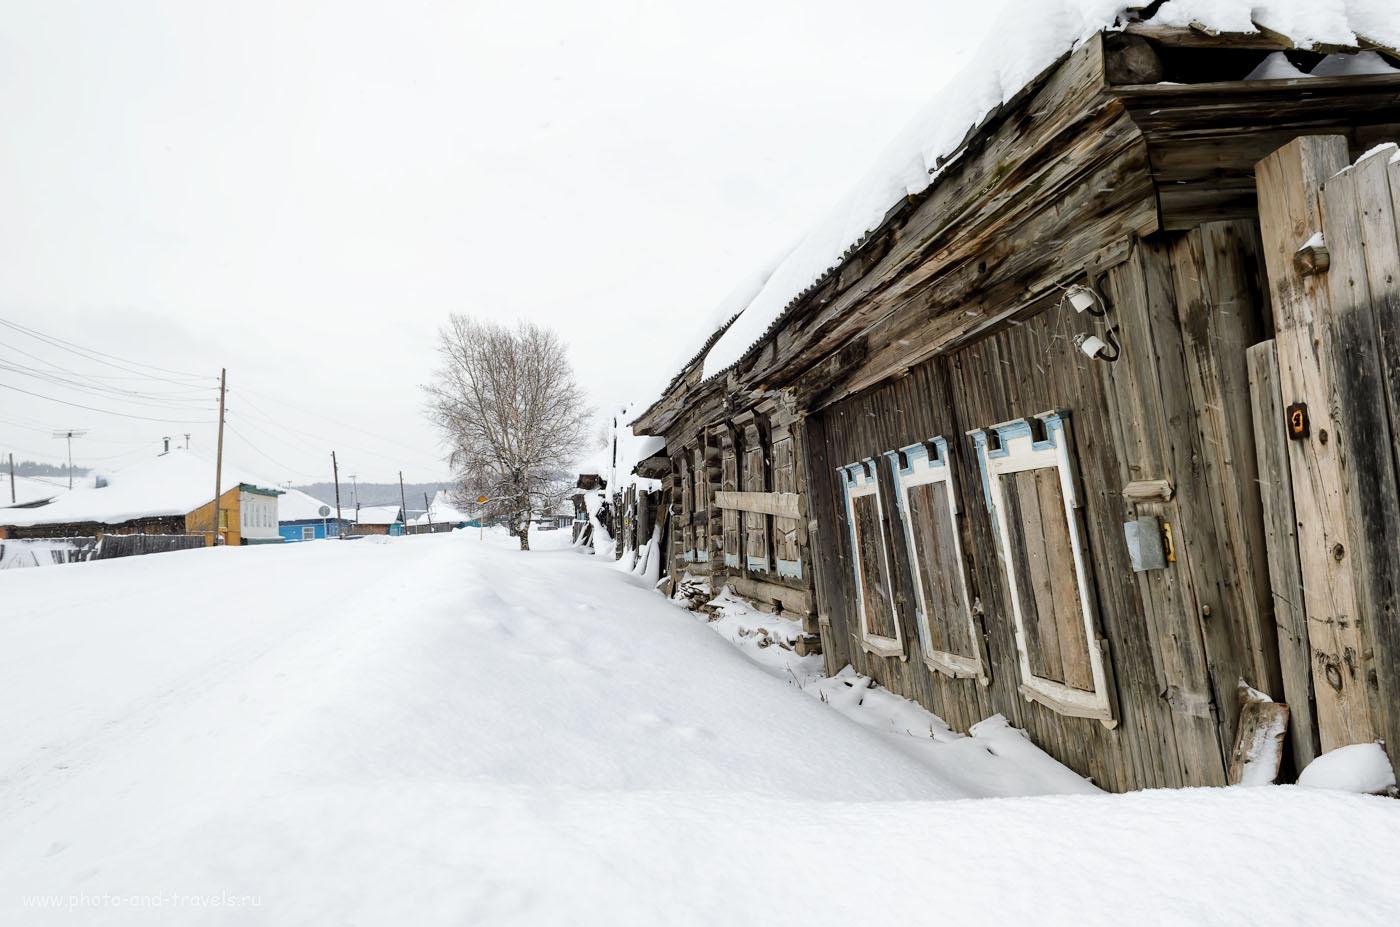 Фотография 13. Деревенская улица зимой. Снято на камеру Nikon D5100 с репортажным зумом Nikkor 17-55mm 2.8G. Настройки при съемке: 1/60, 8.0, 16, 160.